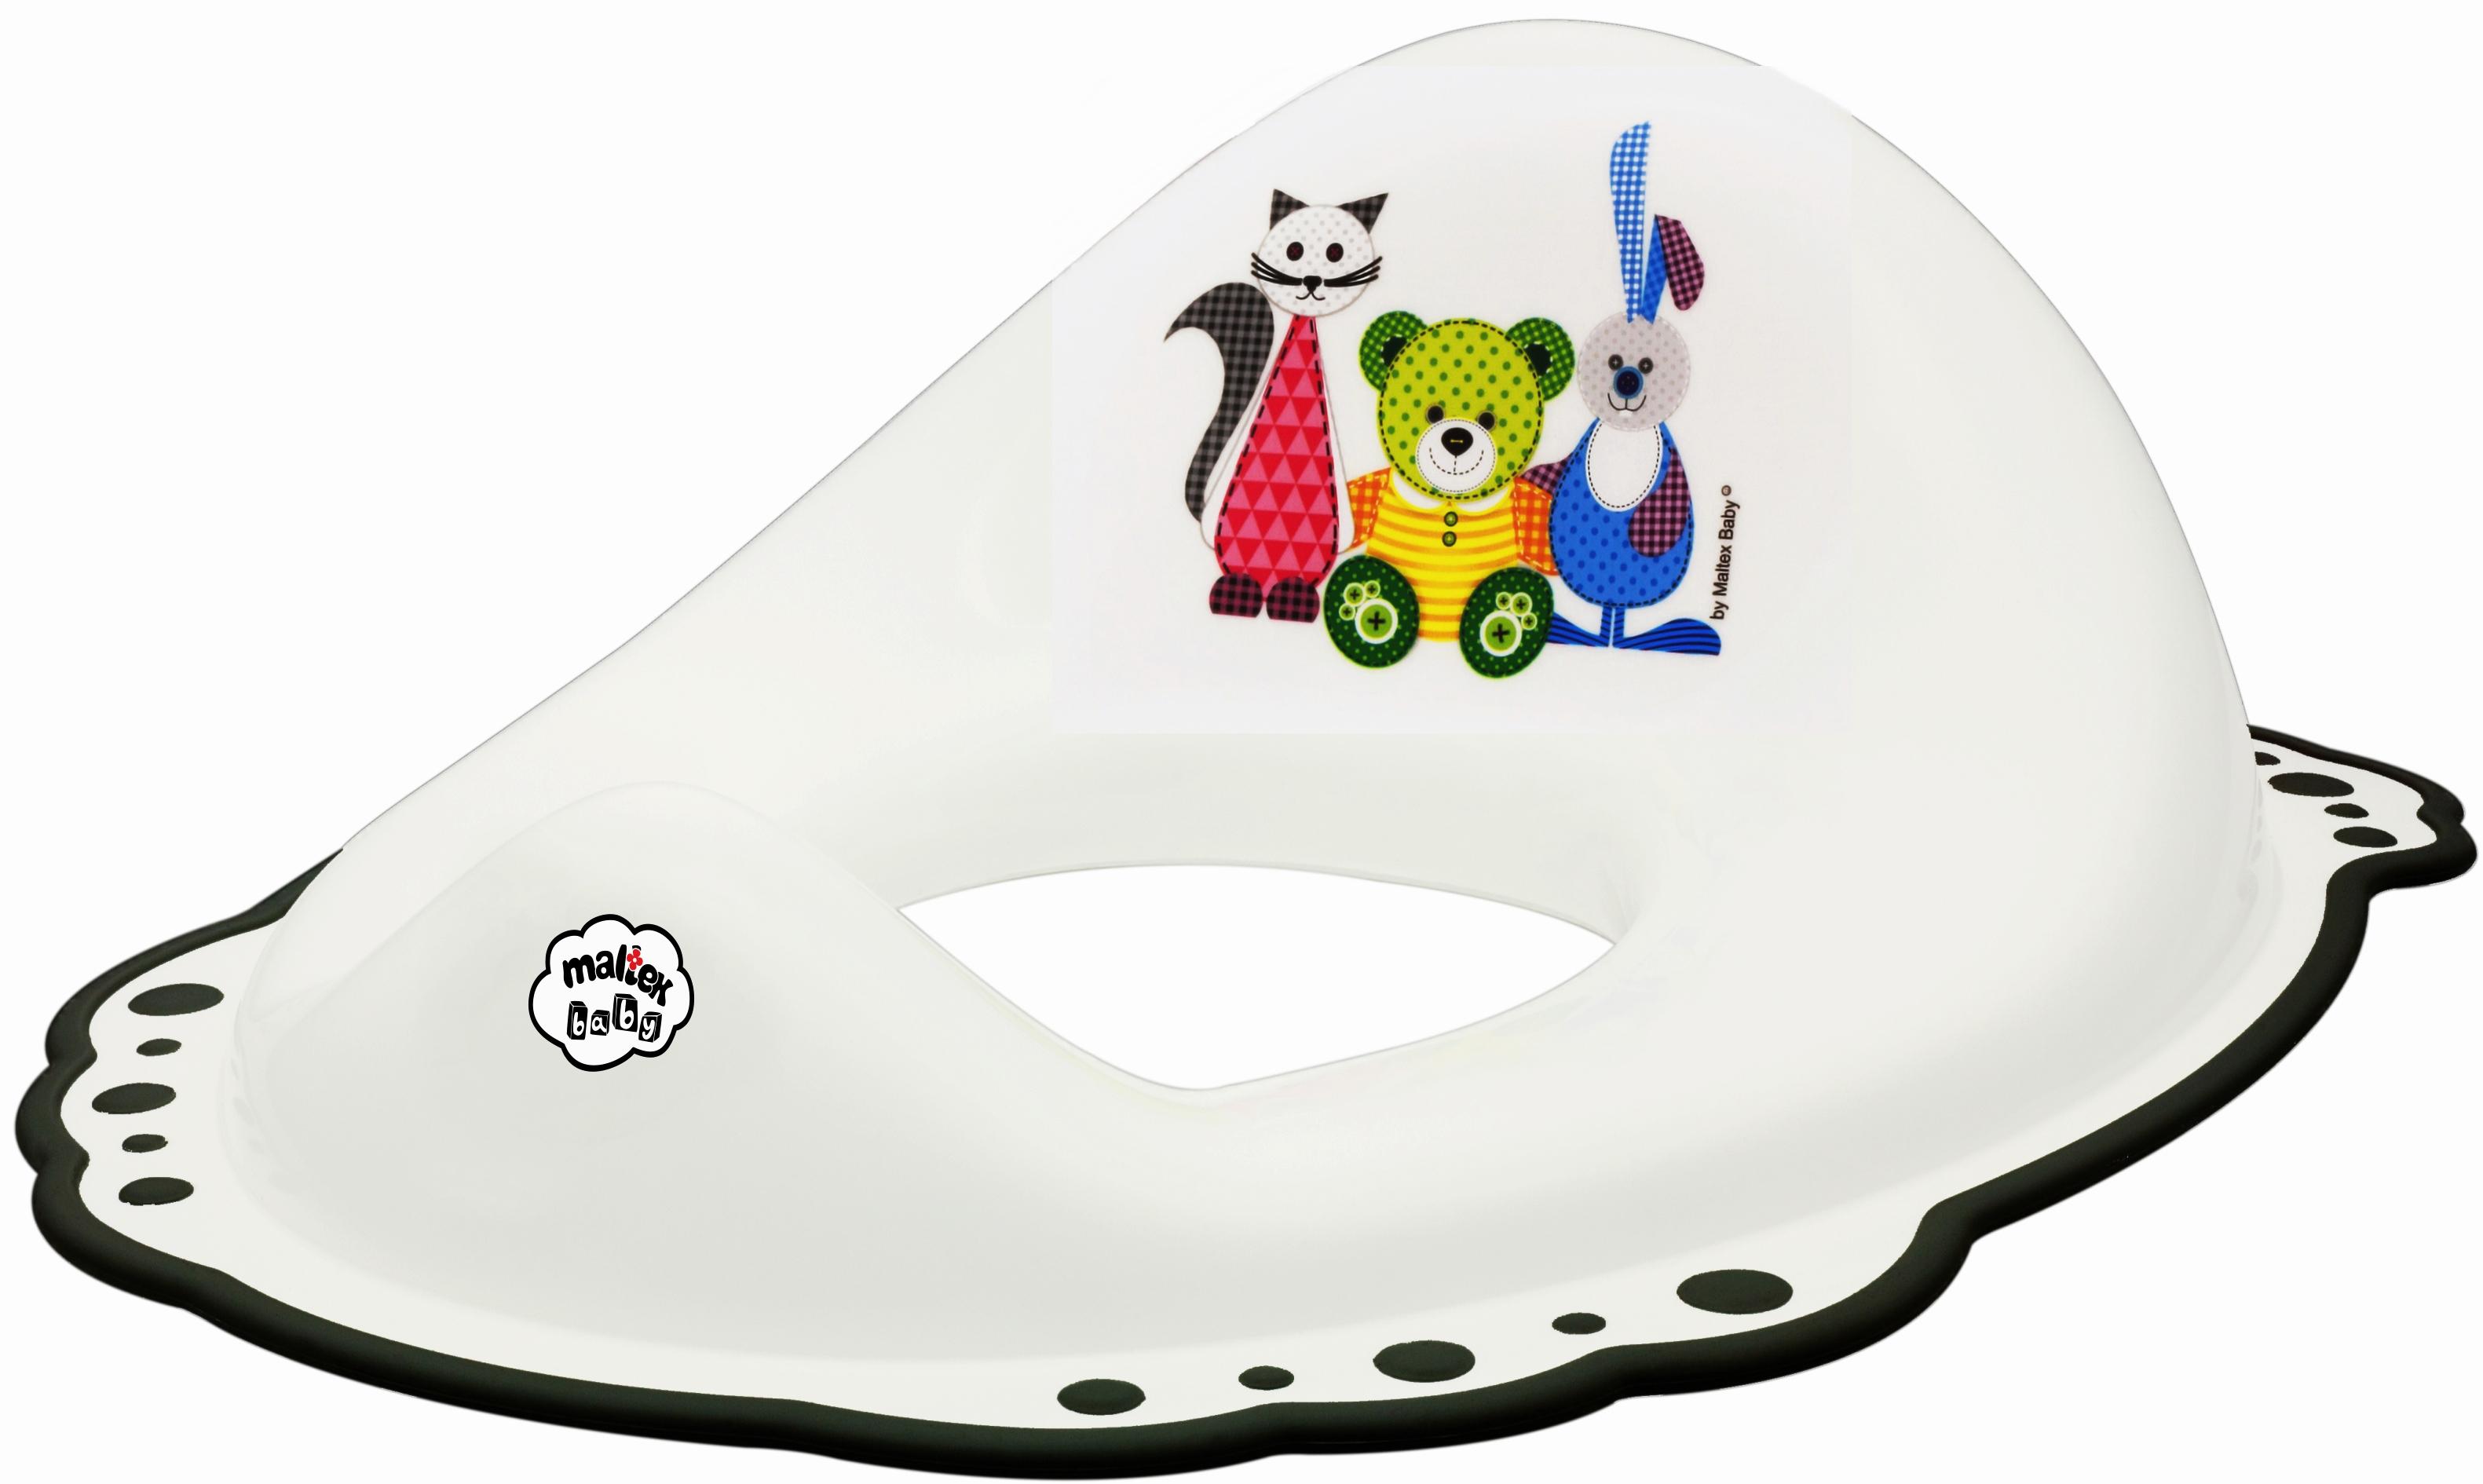 Фото - Накладка на унитаз Be2Me Мишка сиденья для унитаза okt накладка на унитаз лесные животные